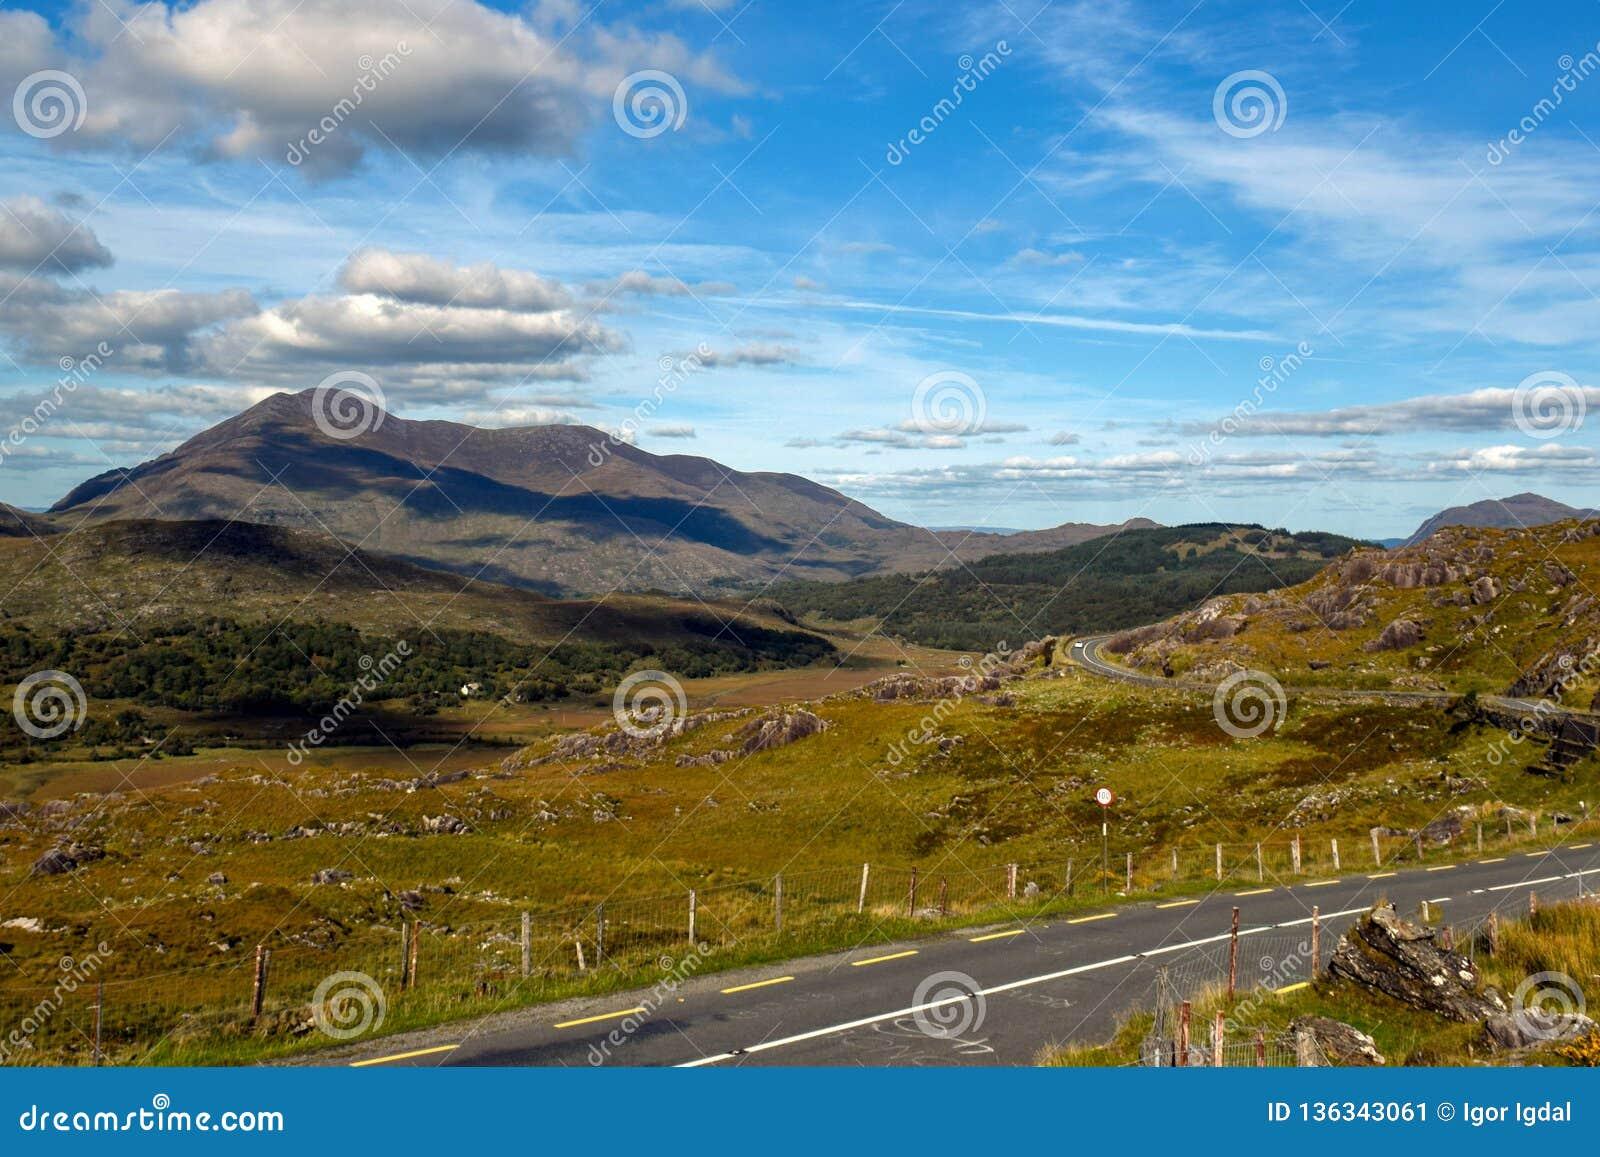 在爱尔兰的青山的中狭窄的柏油路绕 女人造成缝隙 凯利环形